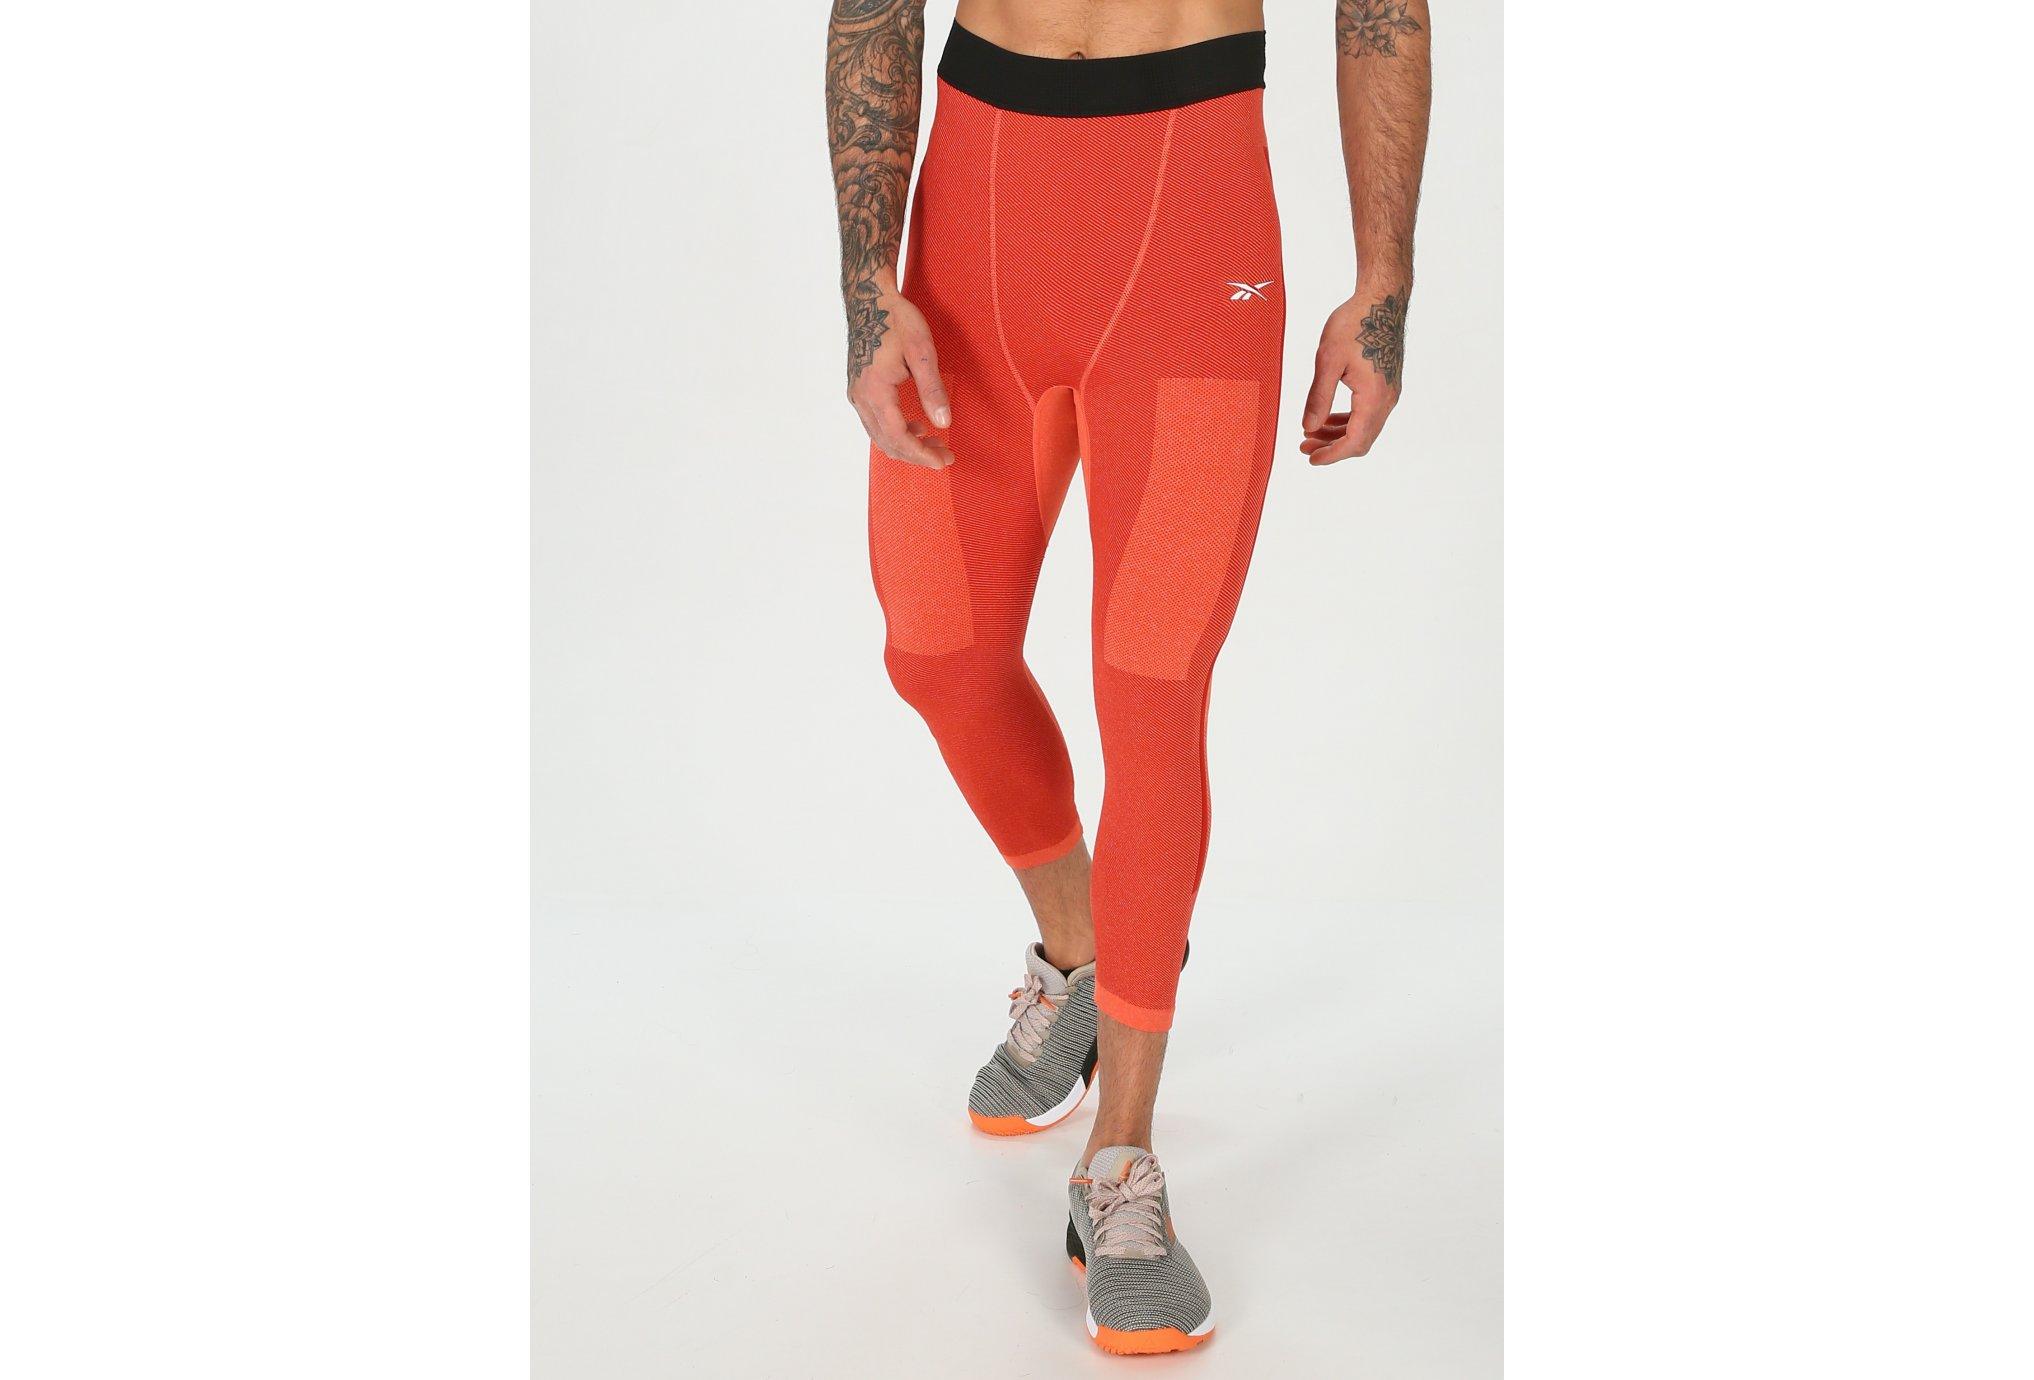 Reebok MyoKnit United By Fitness M Diététique Vêtements homme